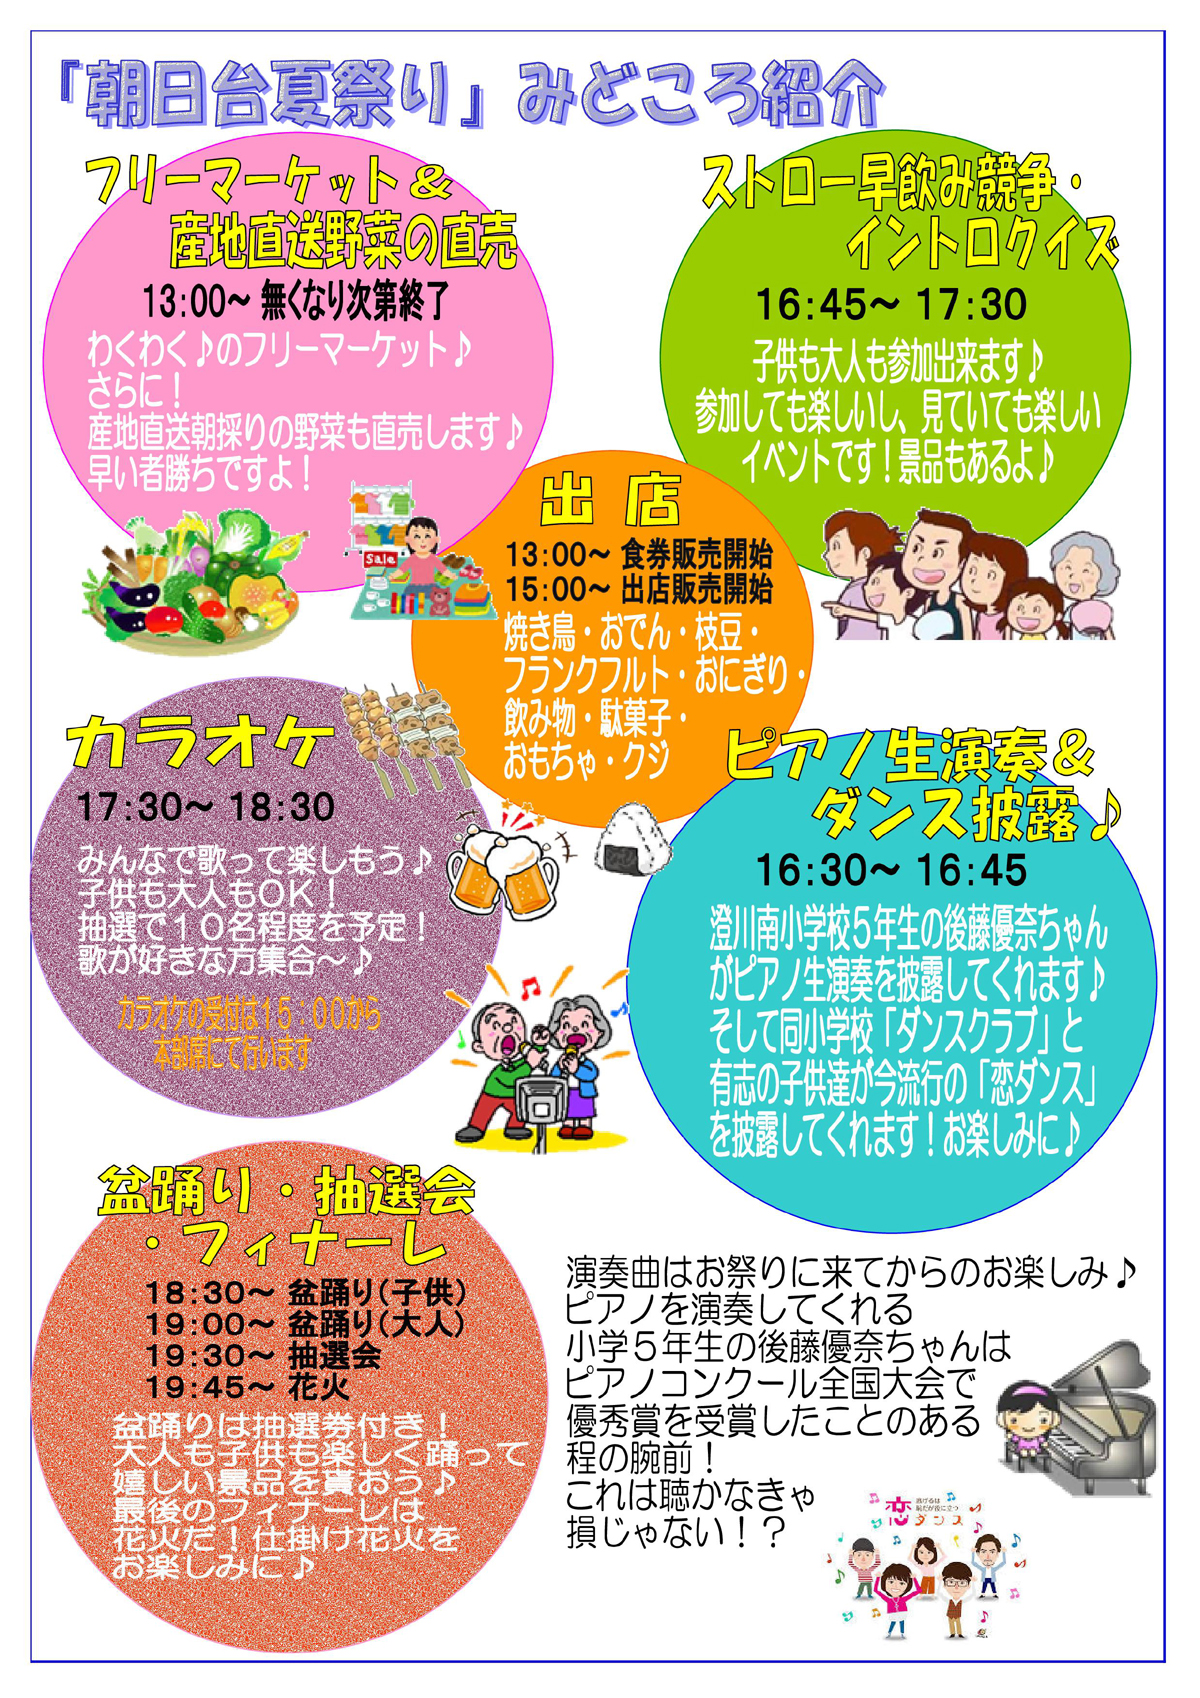 http://sumikawa.info/asahidai/29%208%E6%9C%88%E5%8F%B7-2.jpg